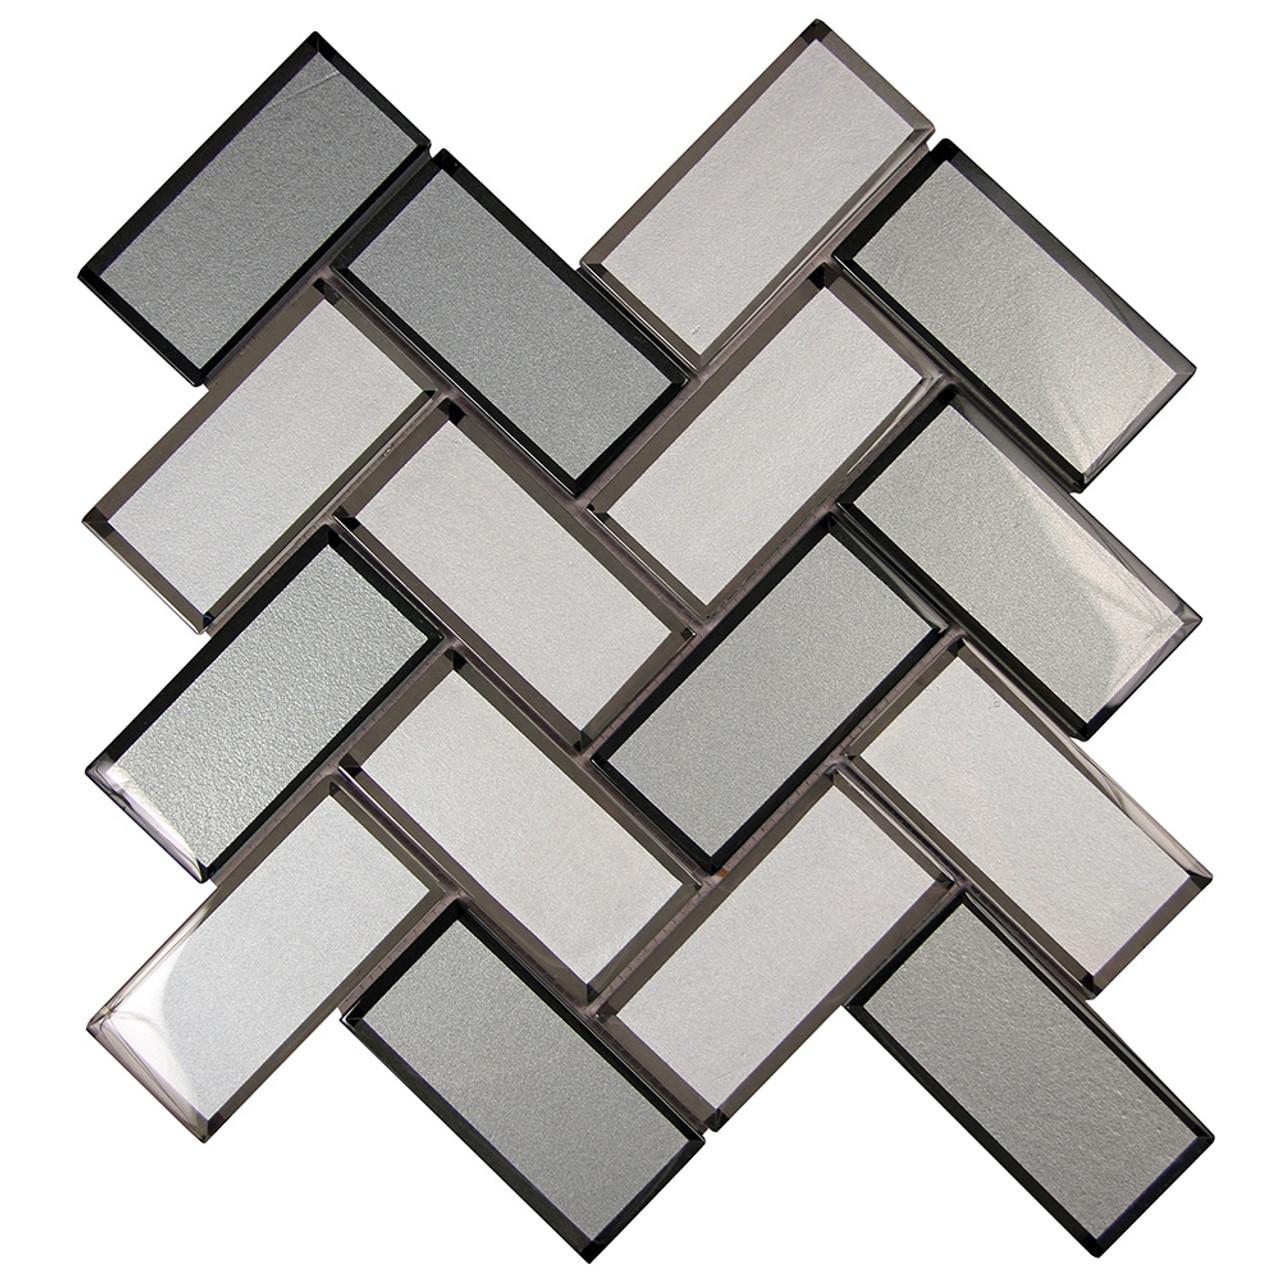 beveled mirror mix herringbone mosaic glass tile